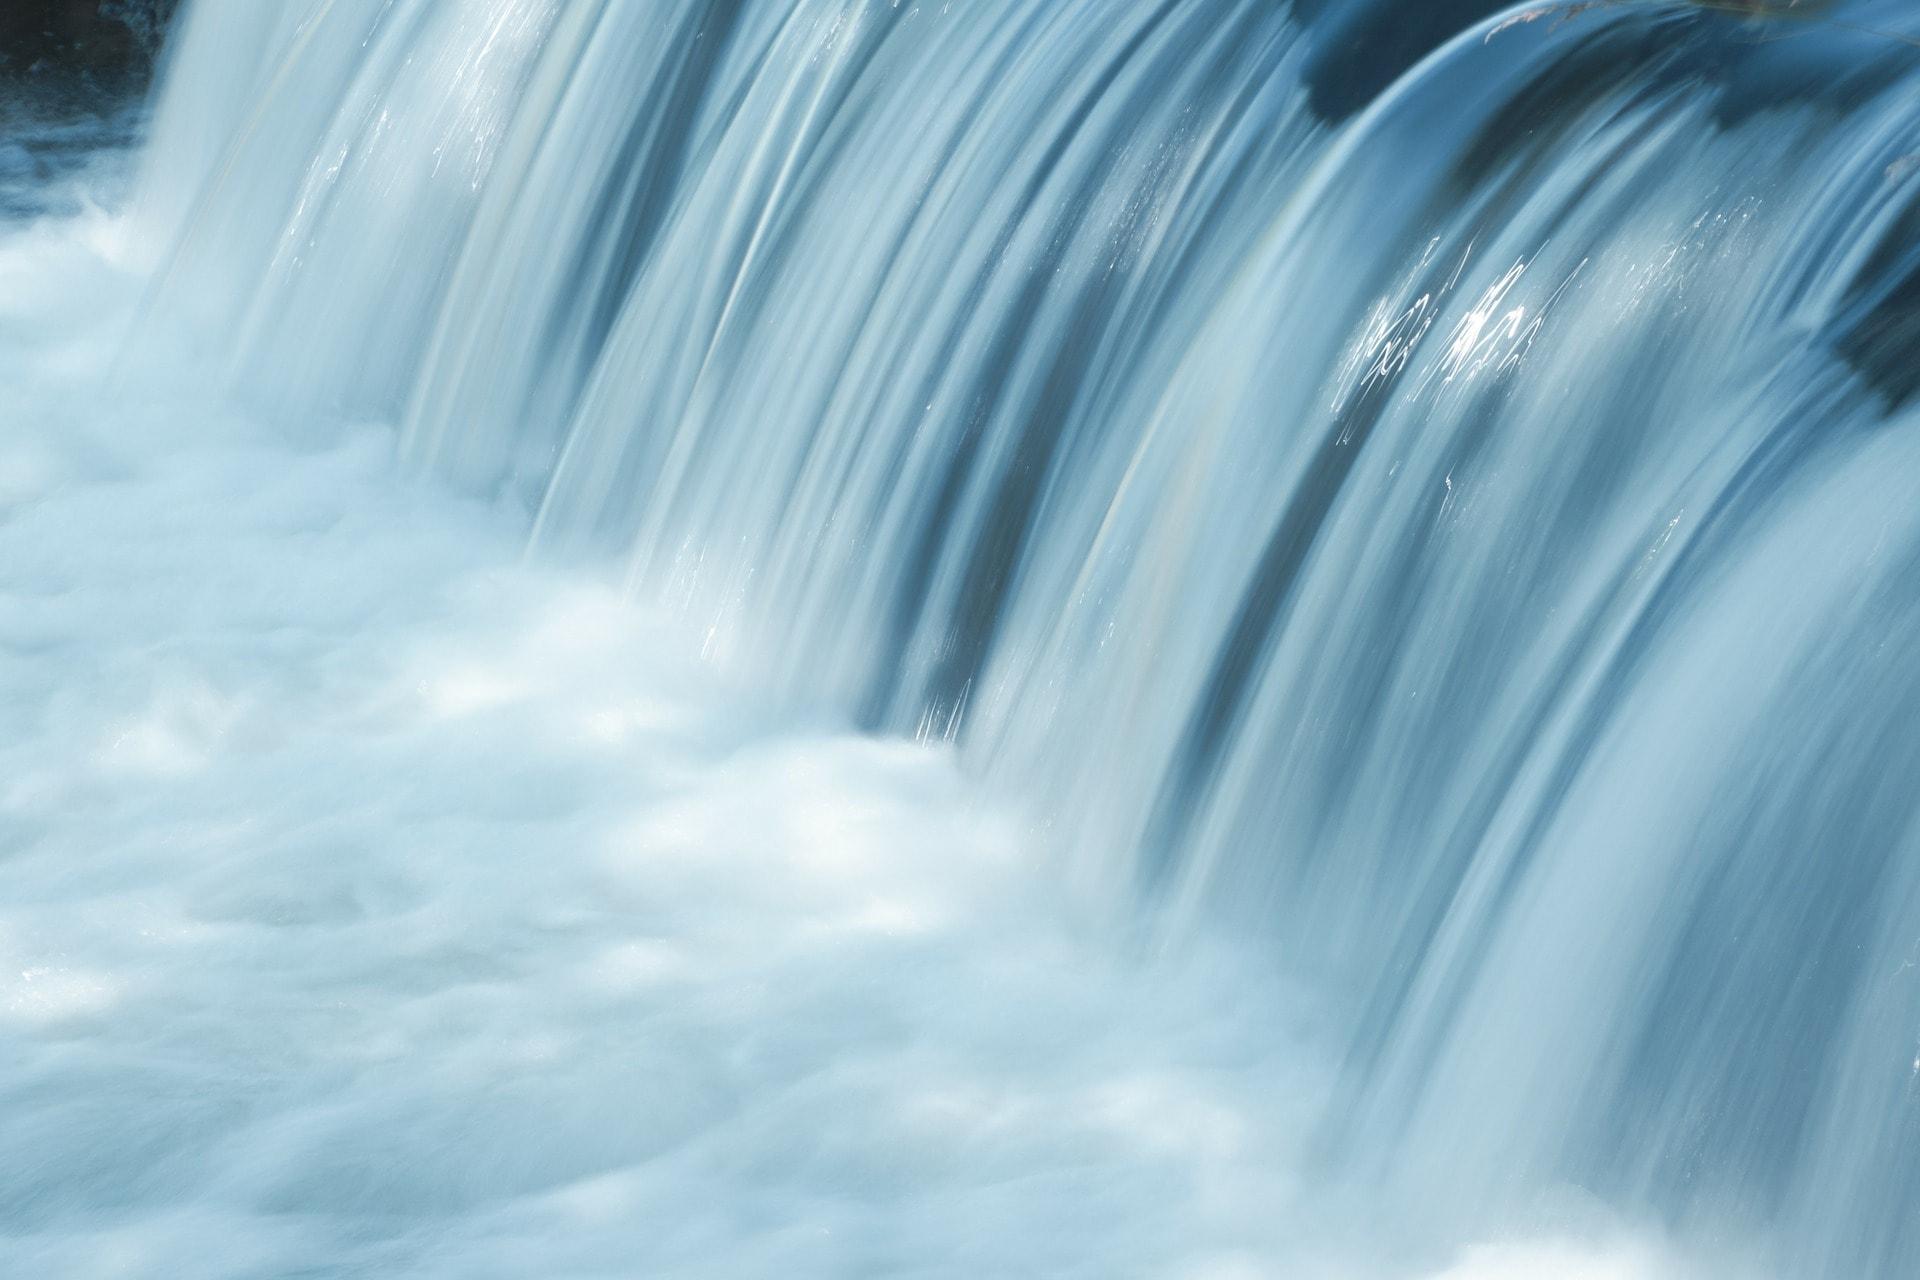 Whirlpool kaufen Hintergrund